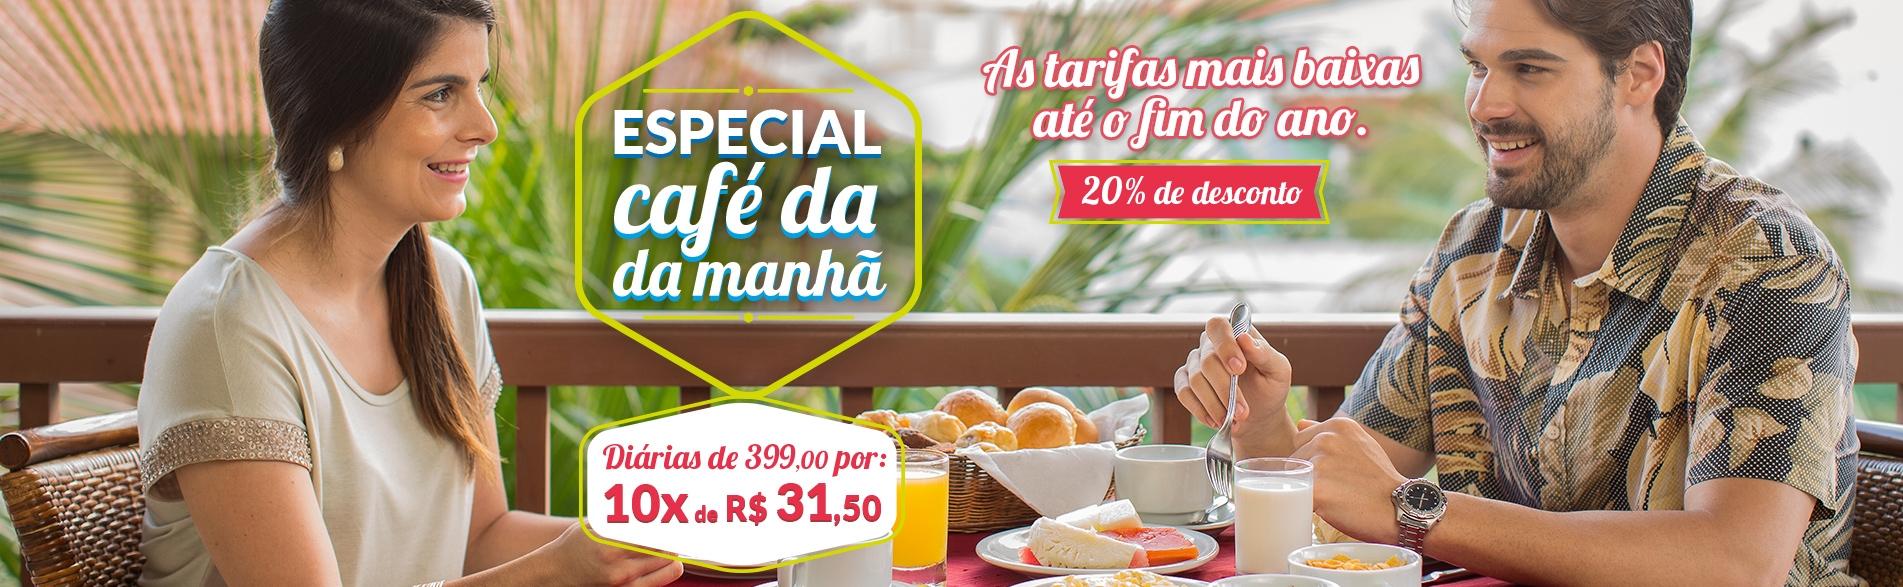 Especial Café da Manhã em Maceió